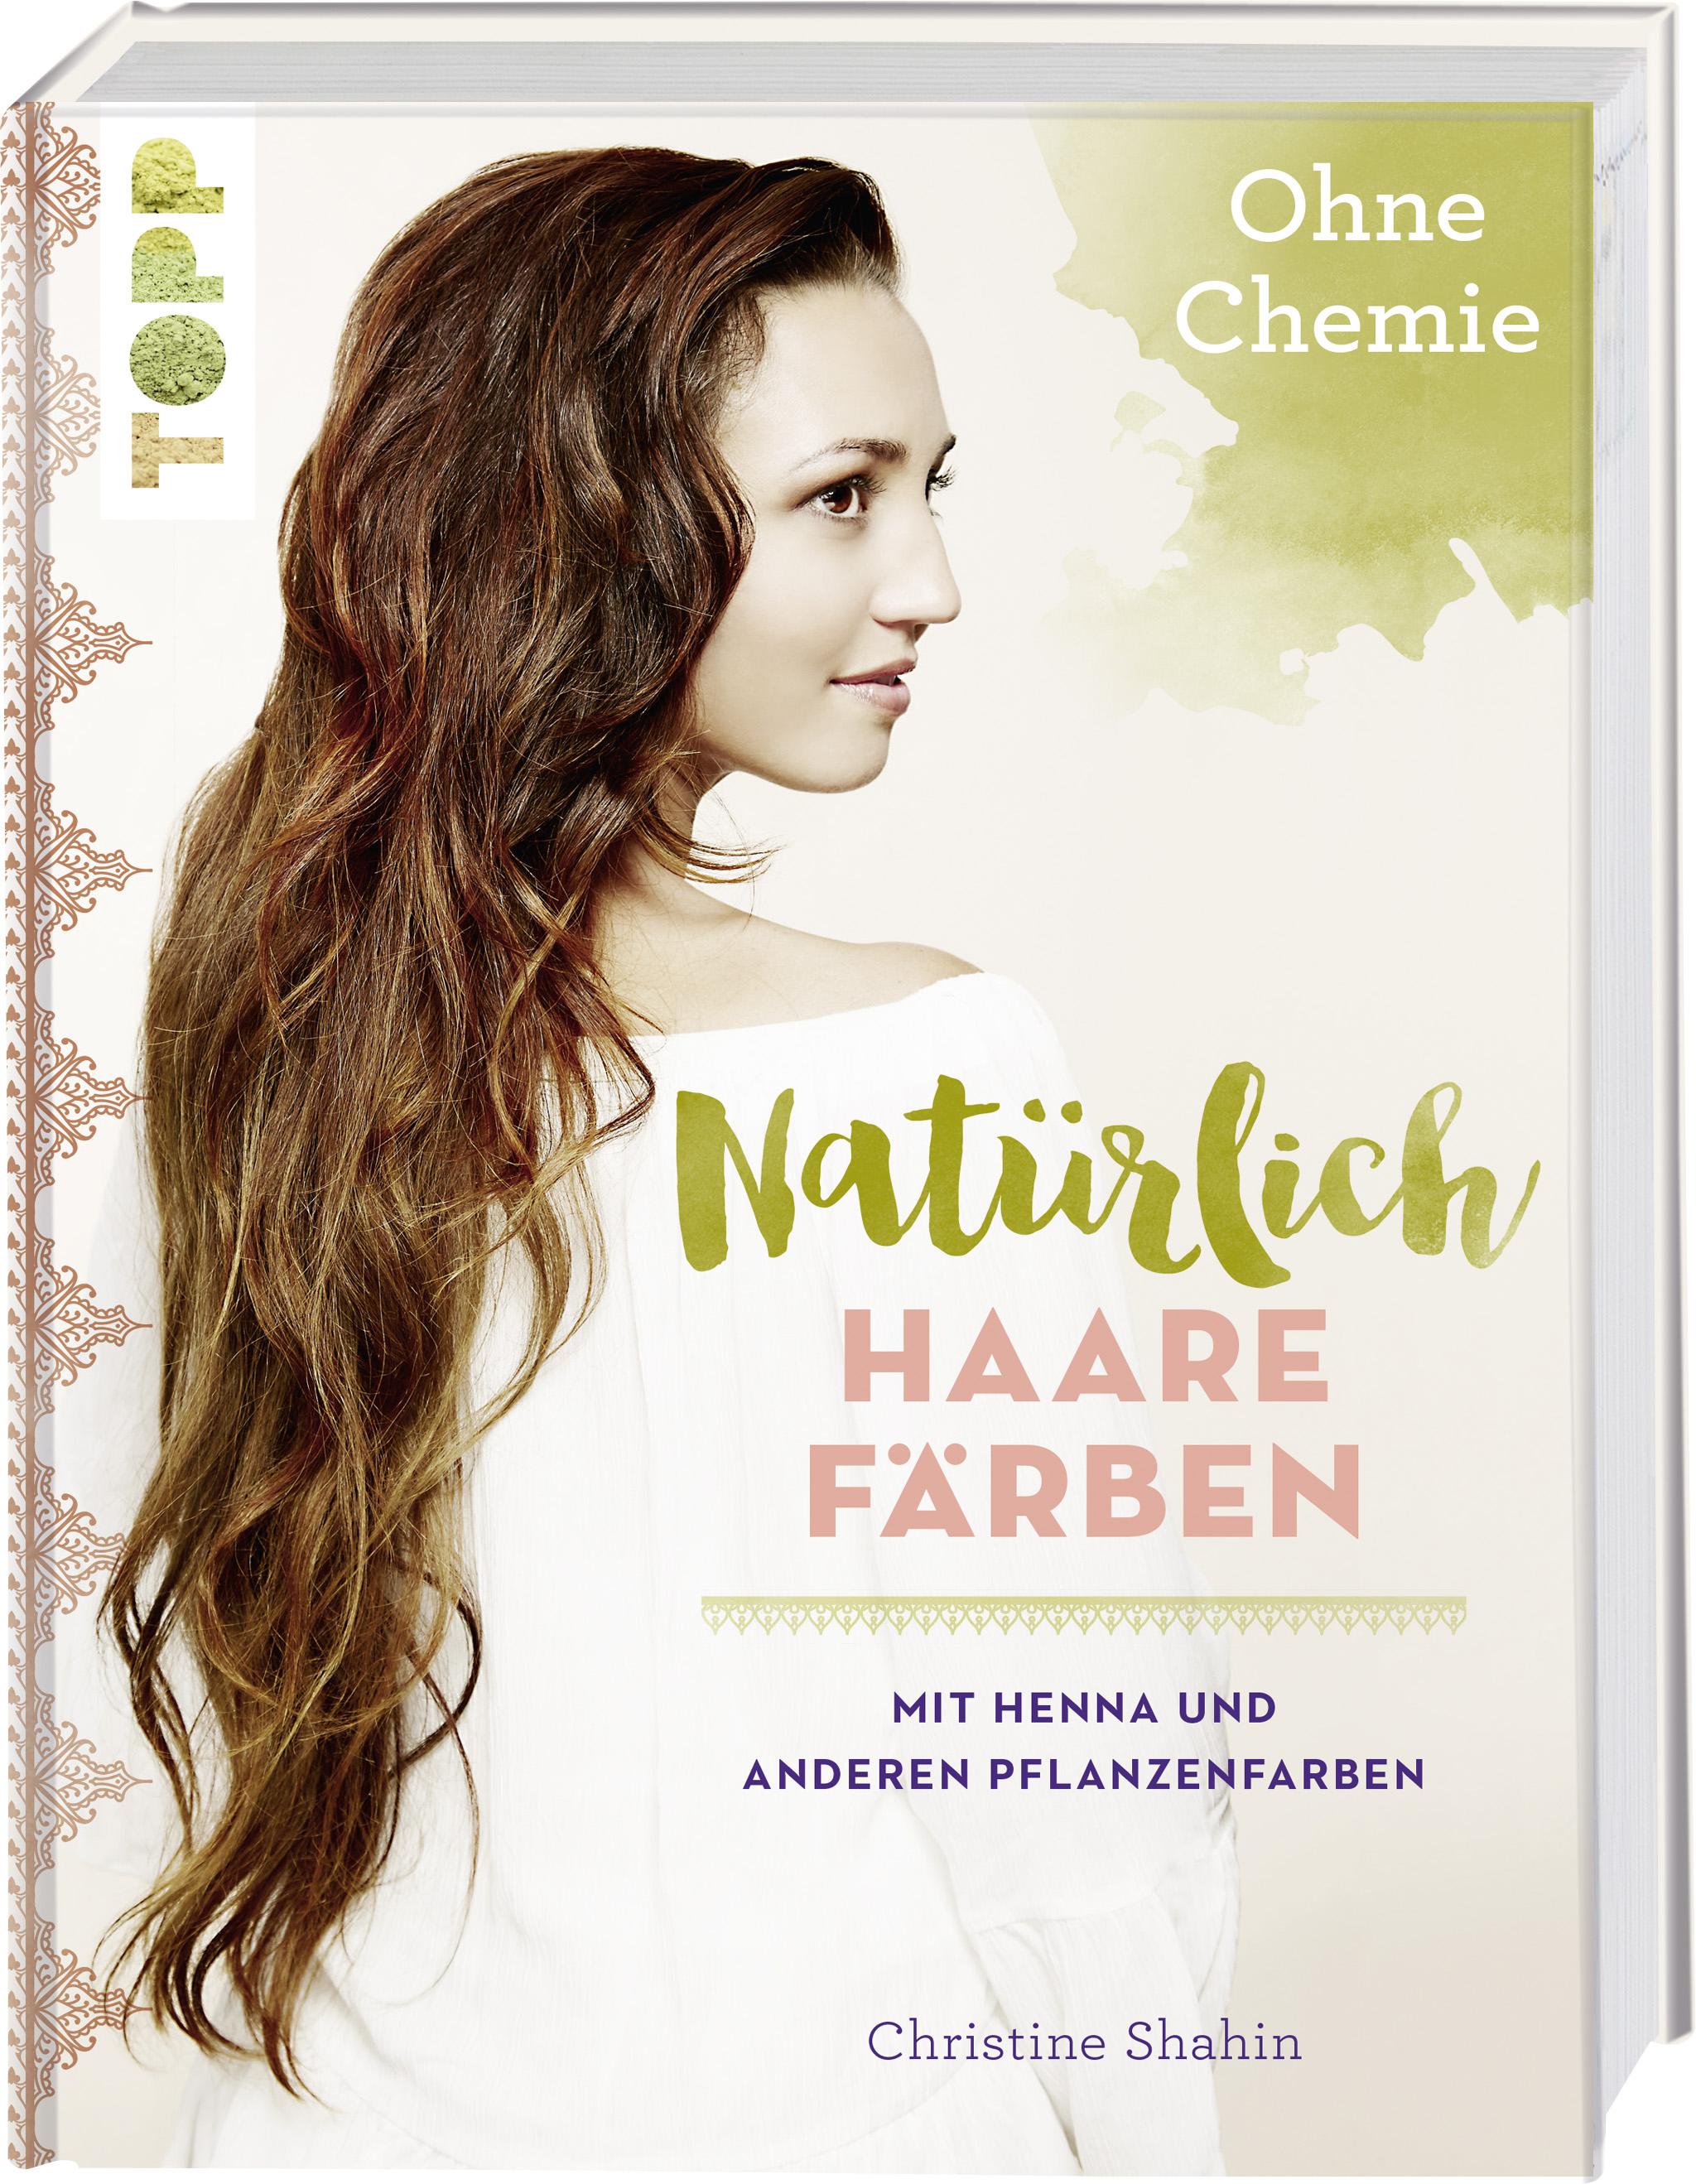 Natürlich Haare färben - Mit Henna und anderen Pflanzenfarben, ohne Chemie! ...